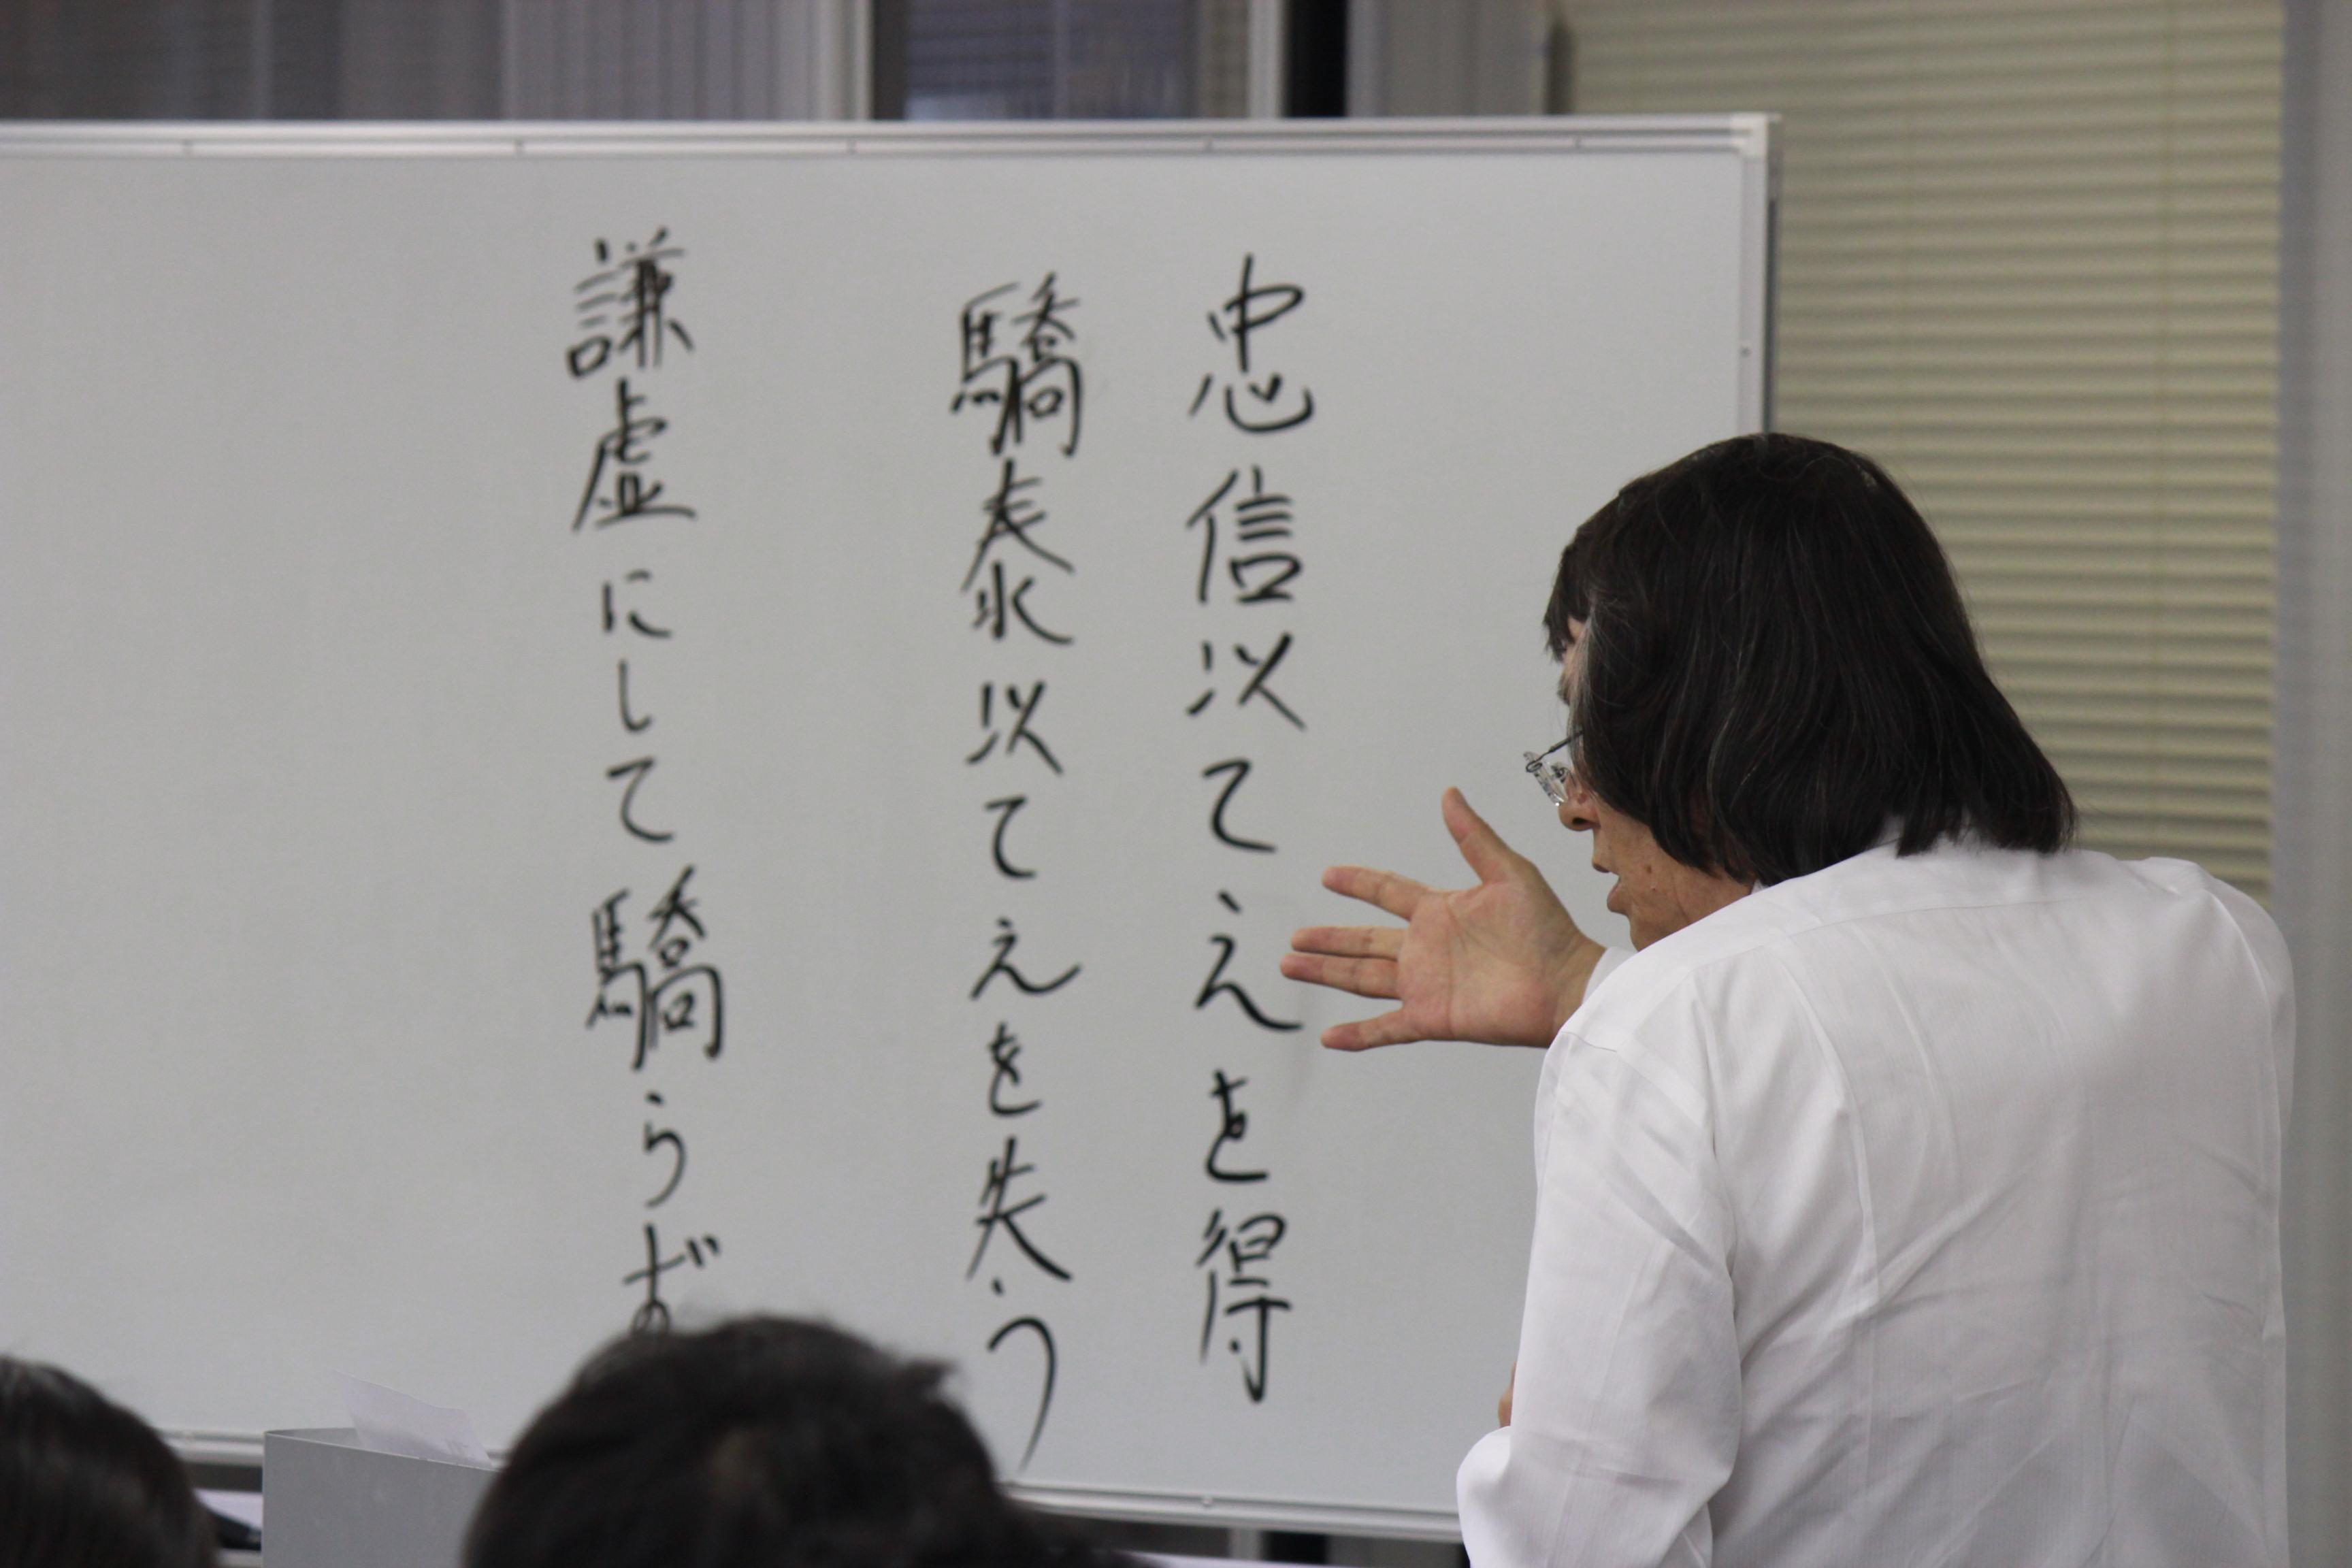 IMG 7867 - 7月20日関東若獅子の会